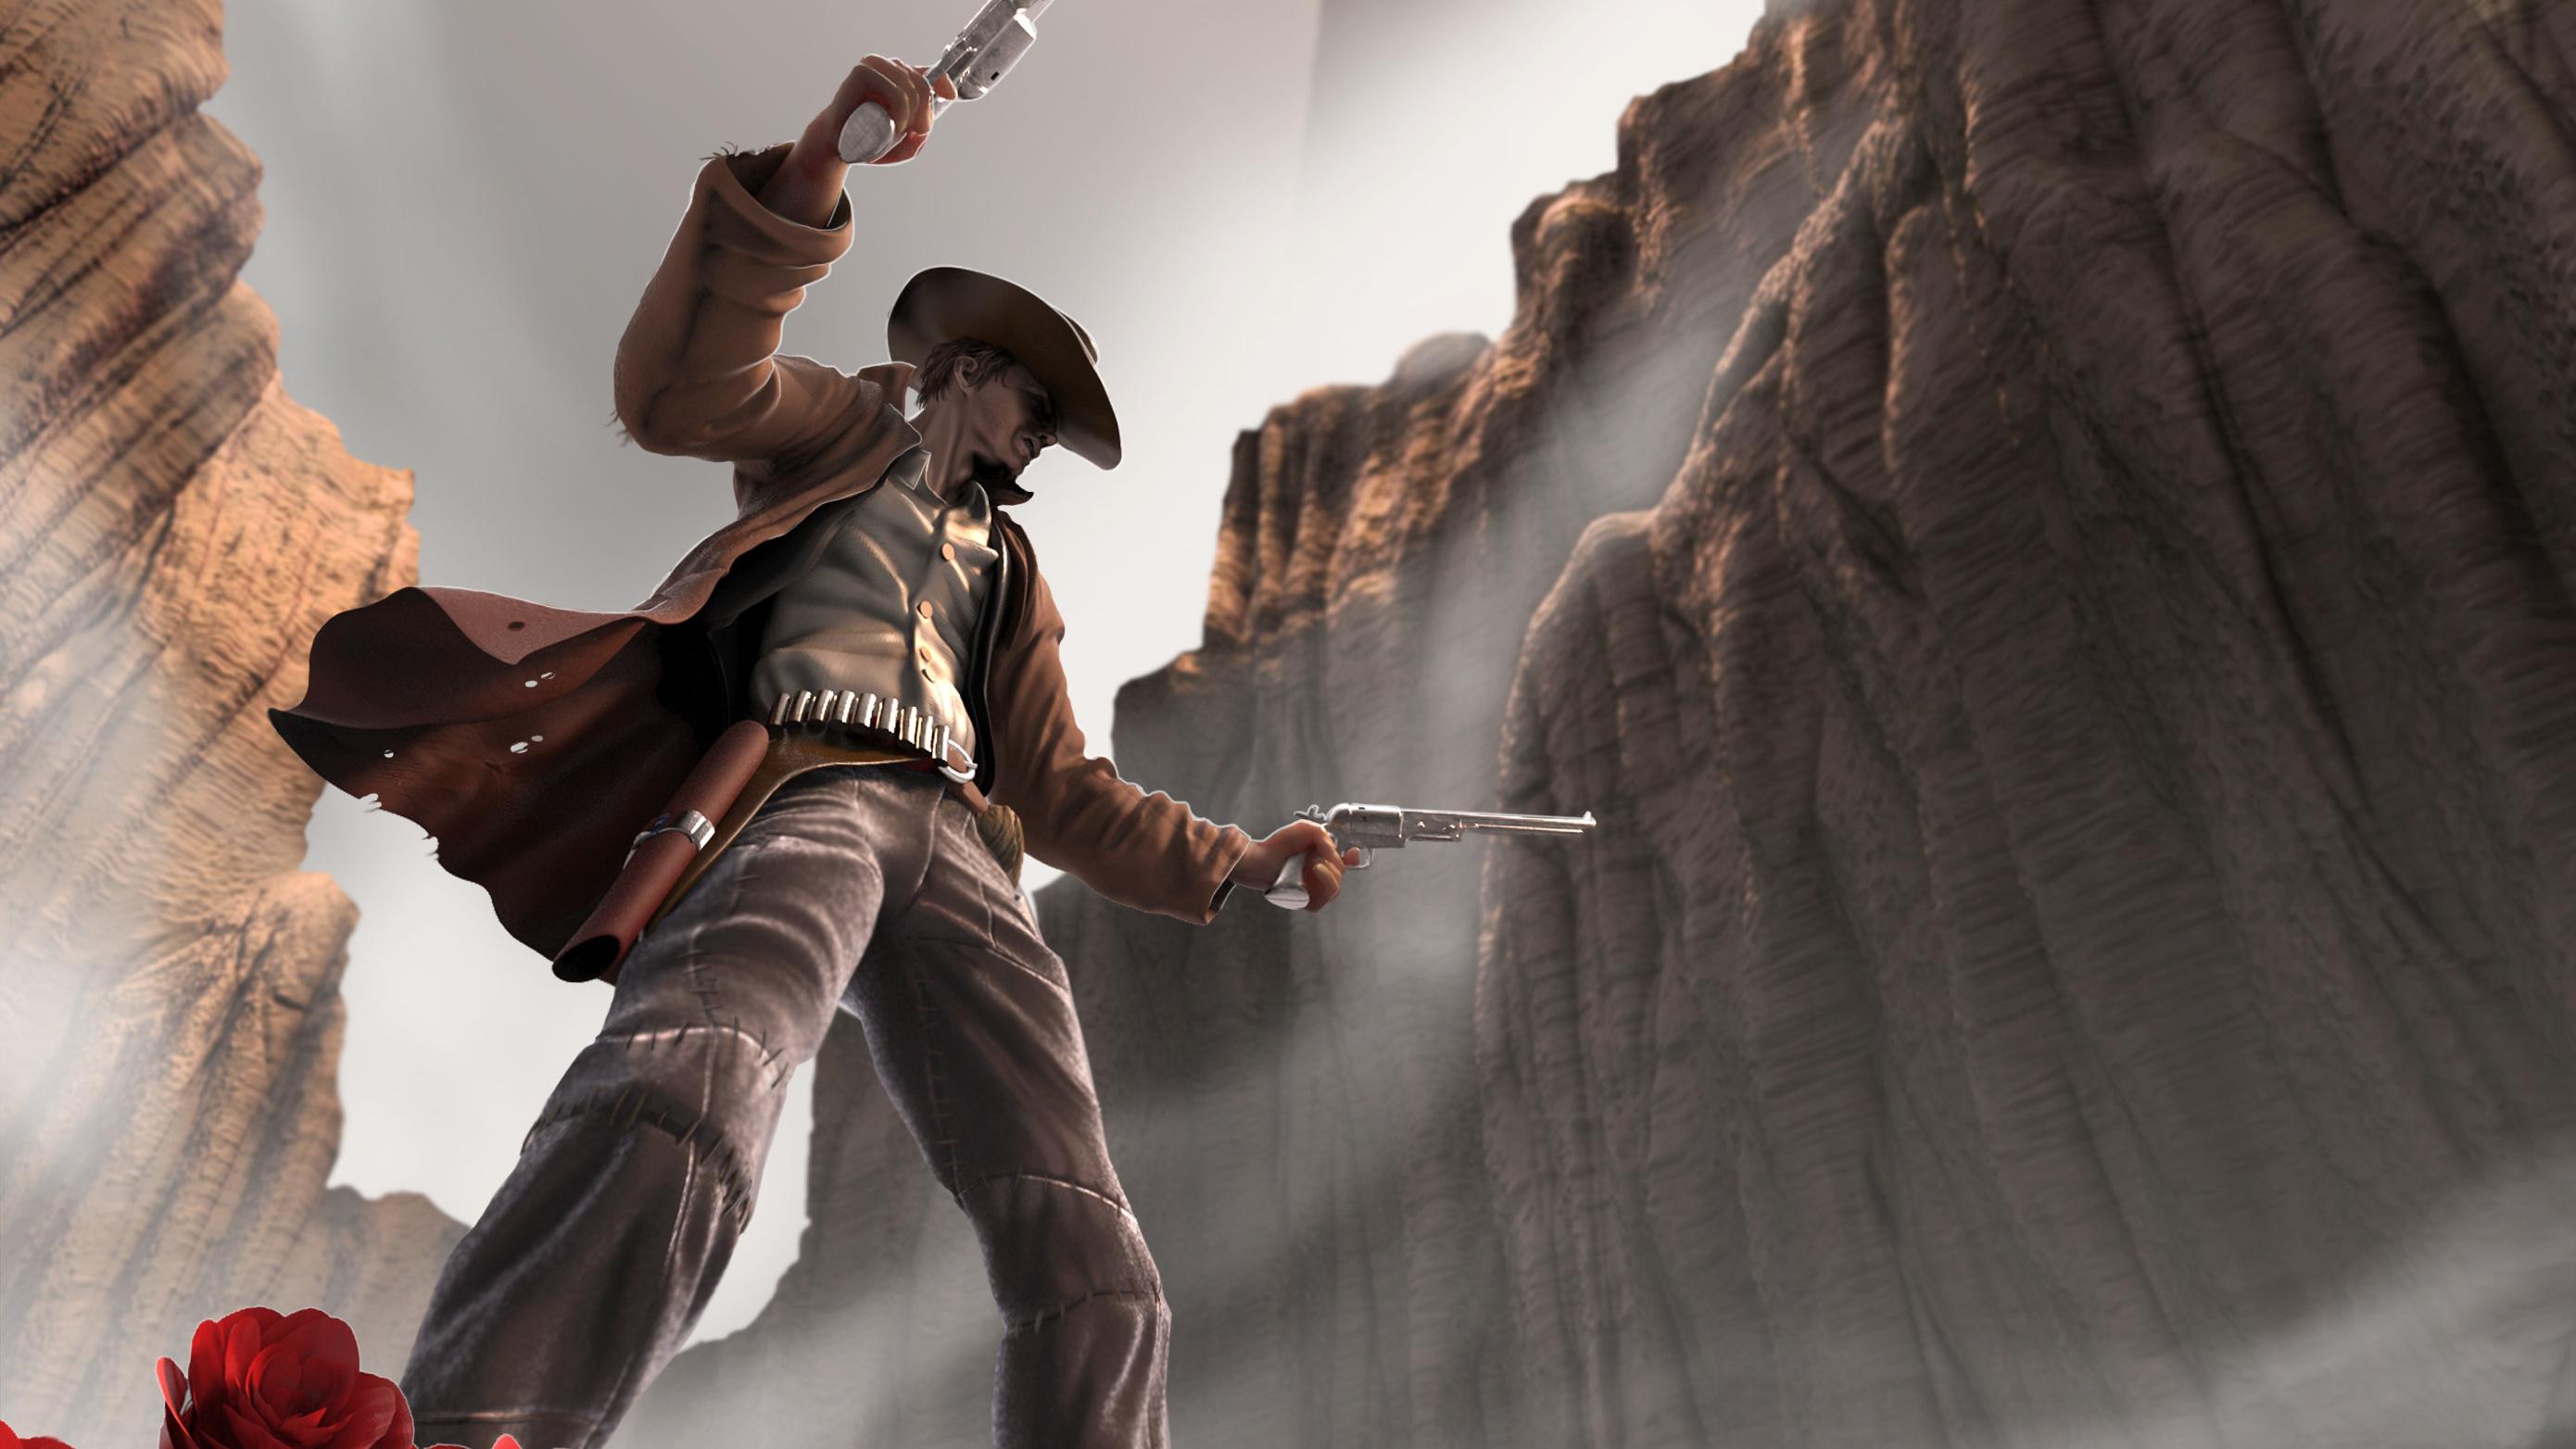 Gunslinger Gunslinger Wallpaper Hd 1398076 Hd Wallpaper Backgrounds Download